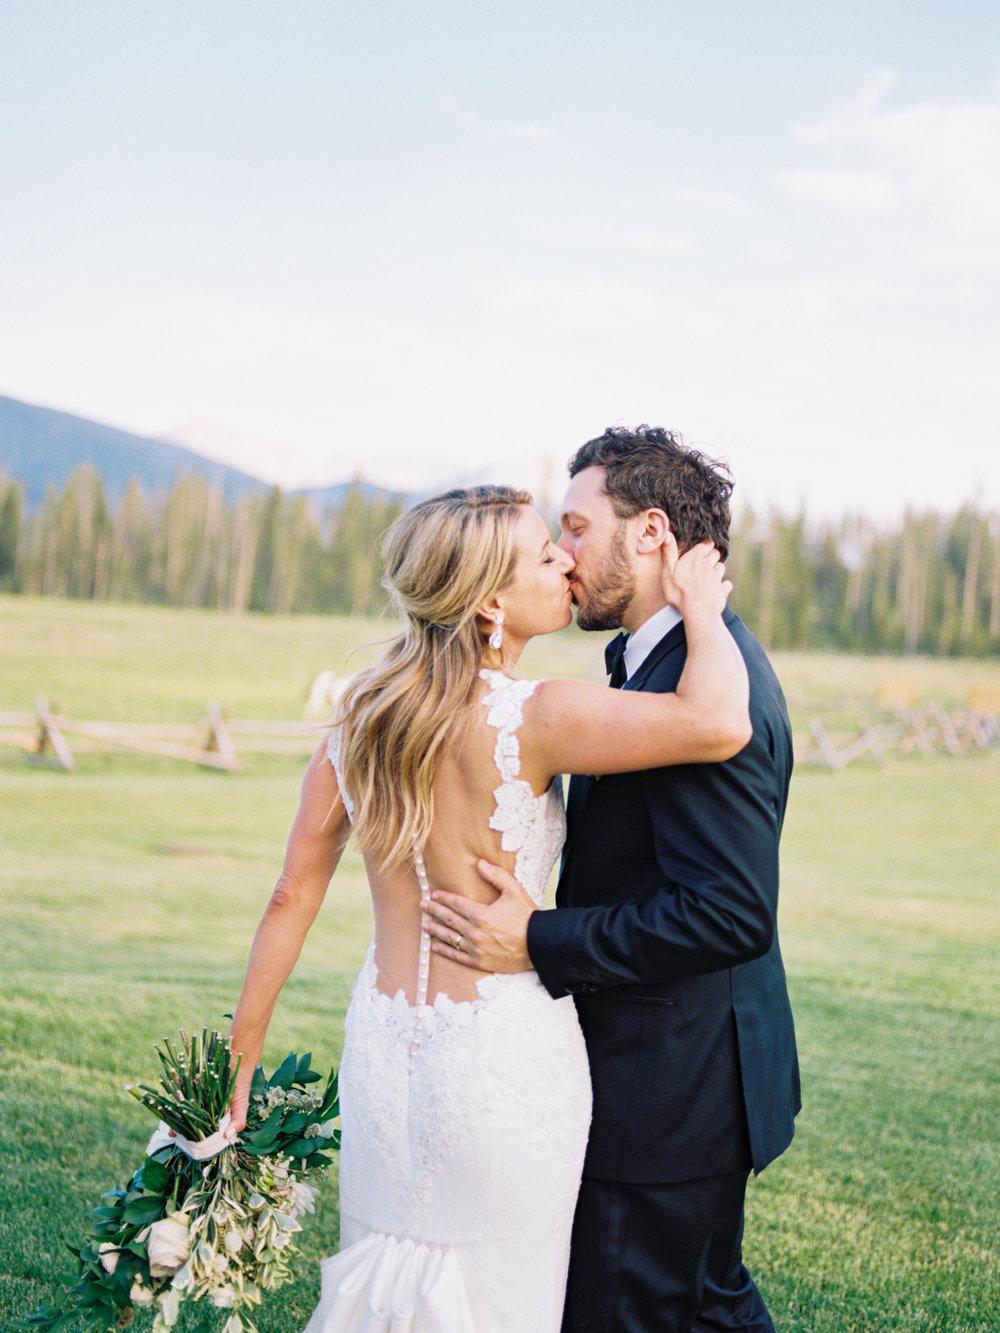 Tara_Bielecki_Photography_Brooke_Bryan_Wedding_490.jpg